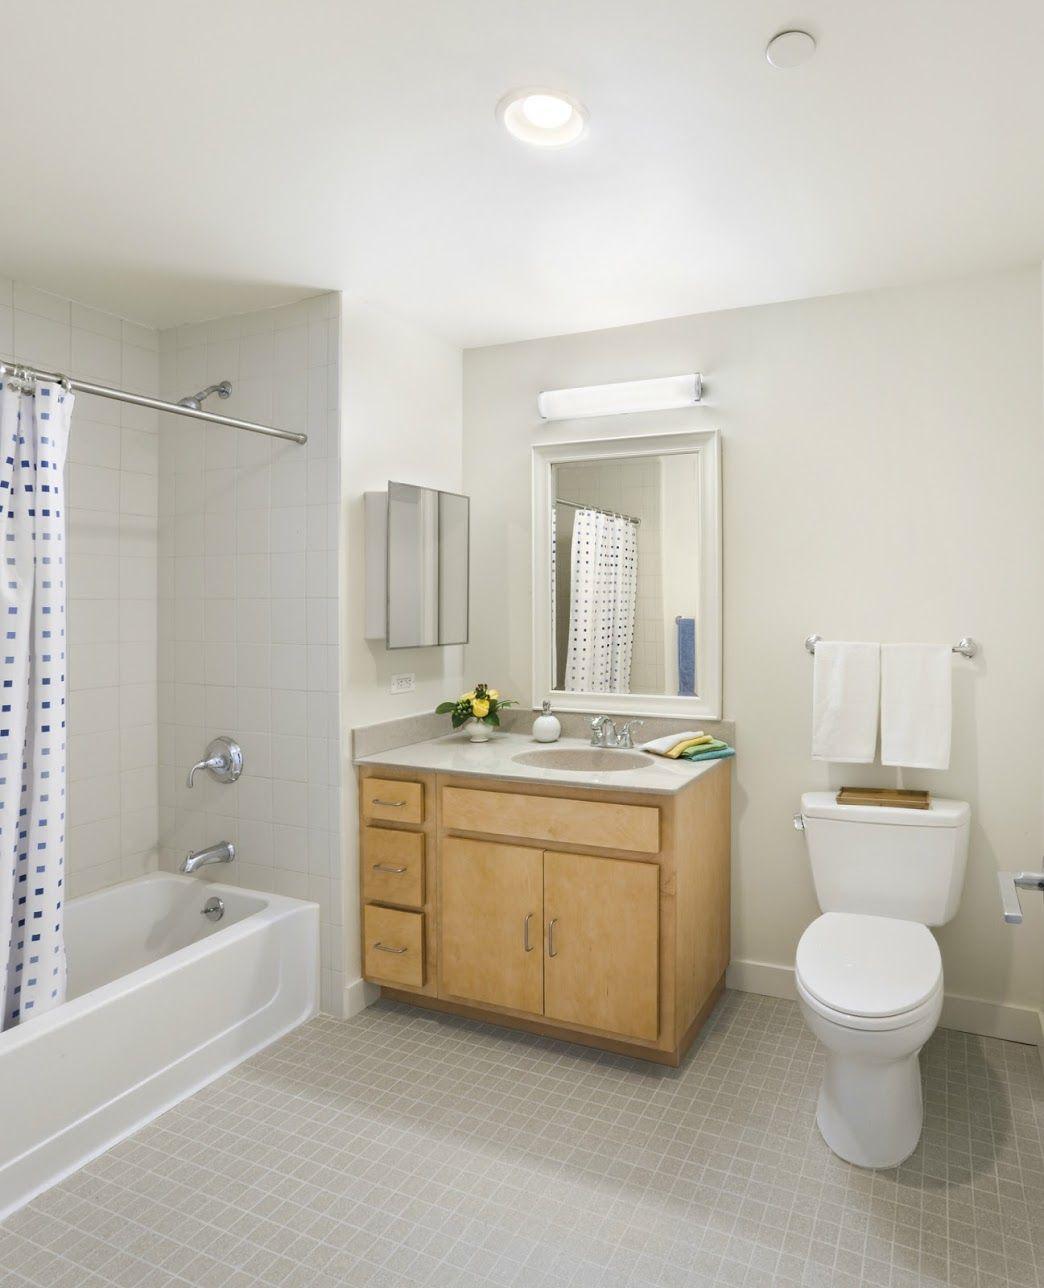 Metro Green Apartments Stamford Ct Green Apartment Apartment Environmentally Friendly Design